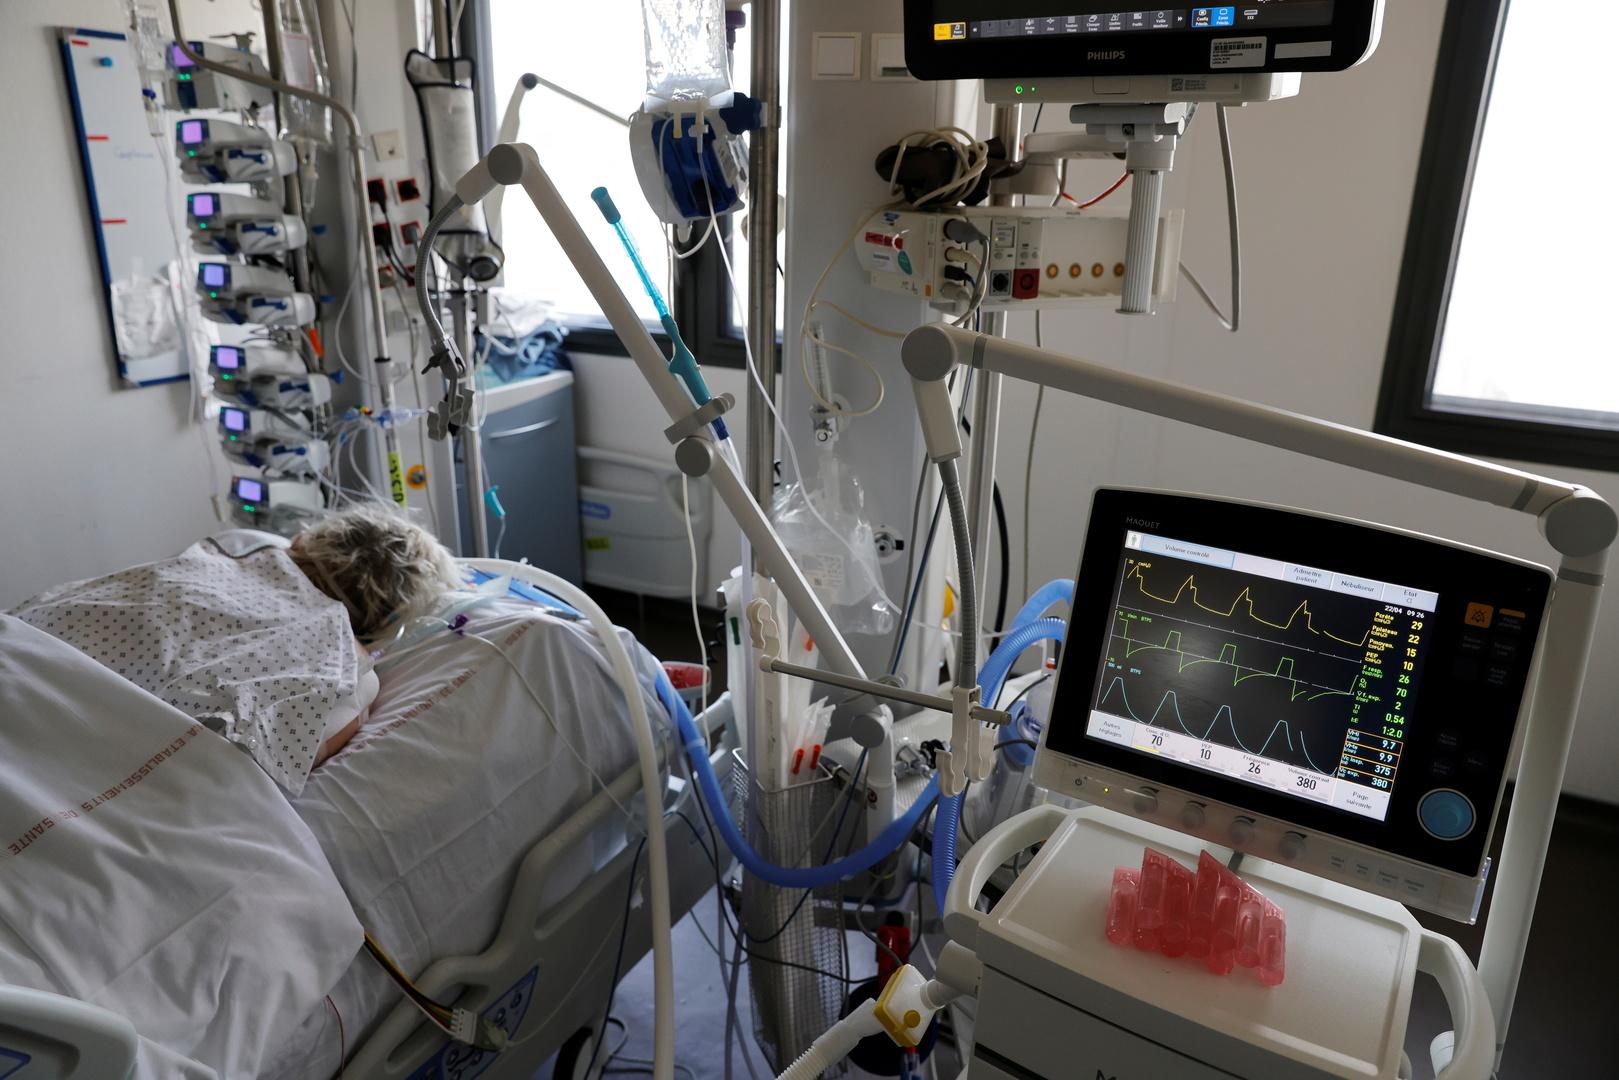 فرنسا تسجل تراجعا طفيفا بعدد مرضى كورونا في العناية المركزة